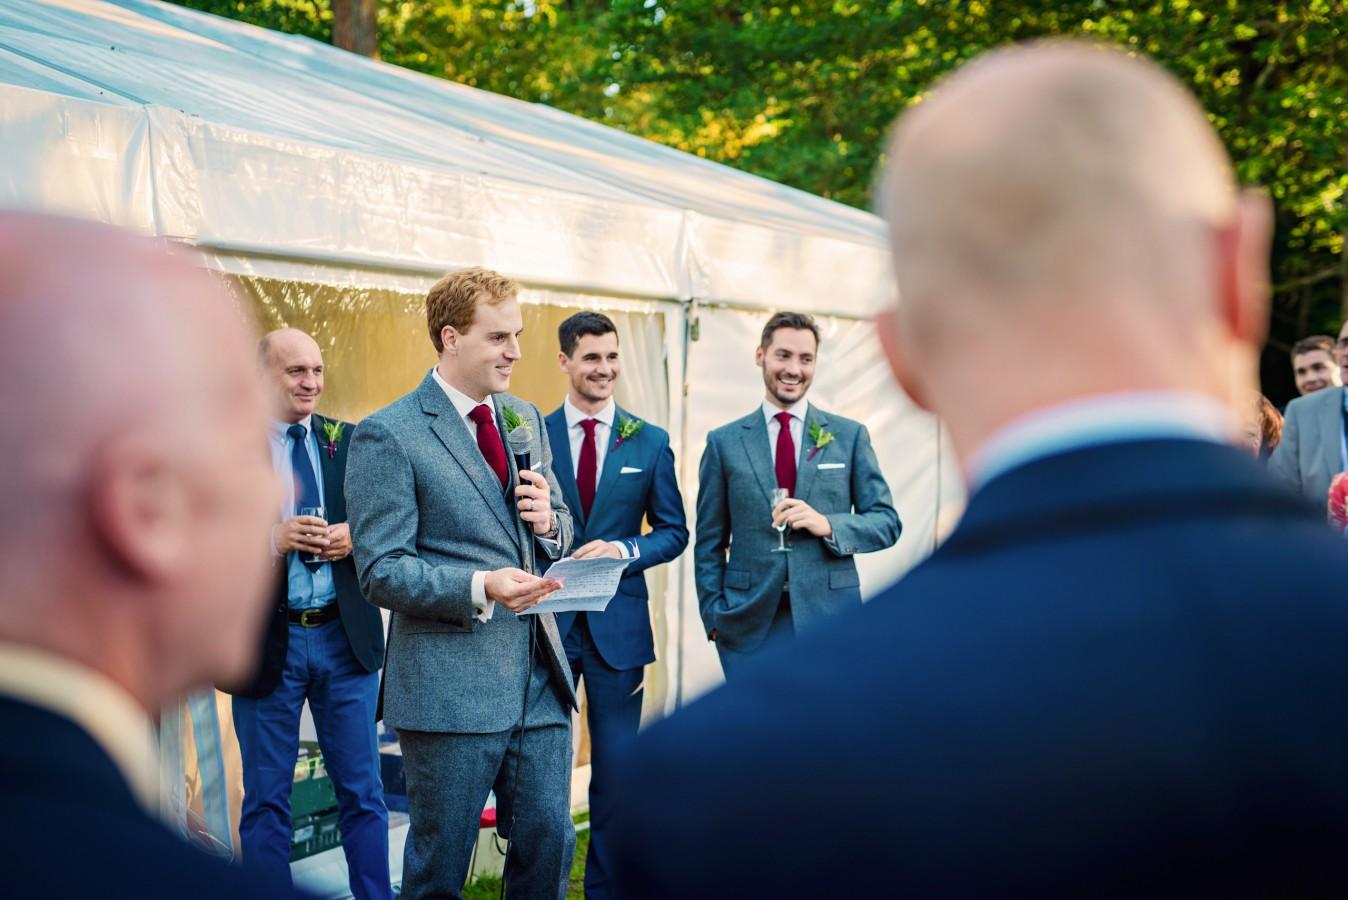 Hampshire Wedding Photographer - GK Photography-244